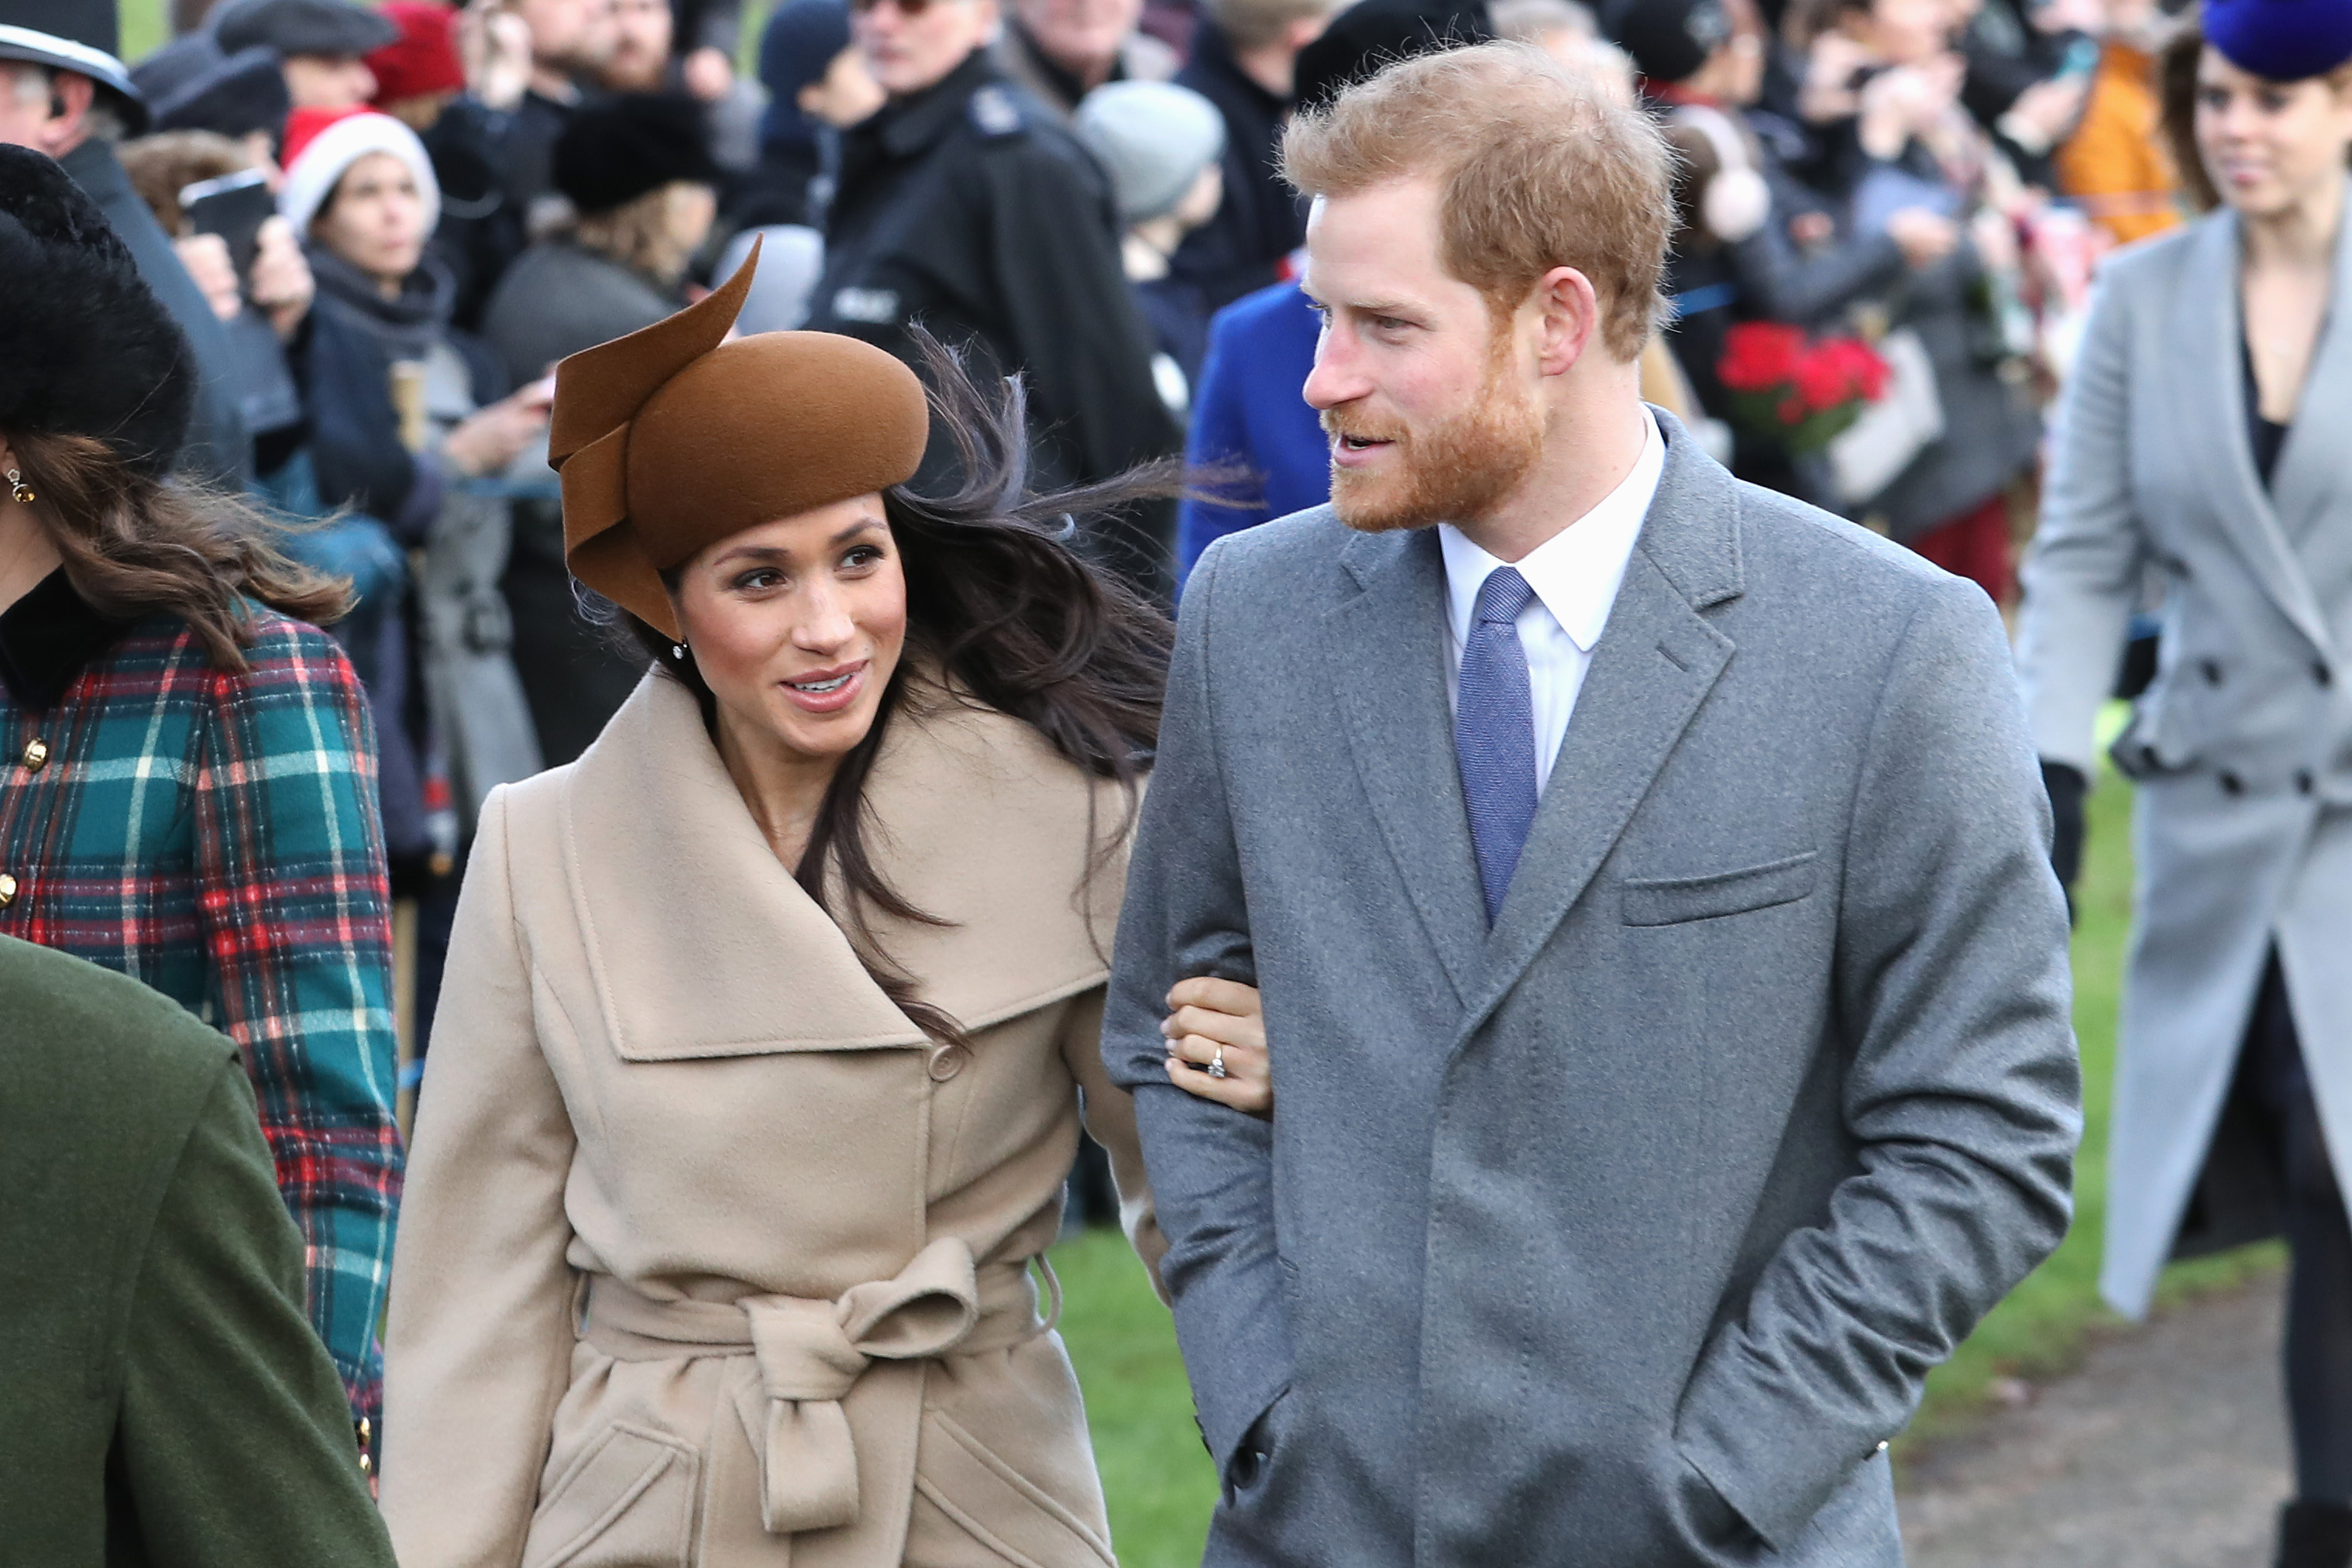 Príncipe Charles veta ex-cunhada em evento de Harry e Meghan, afirma Daily Mail